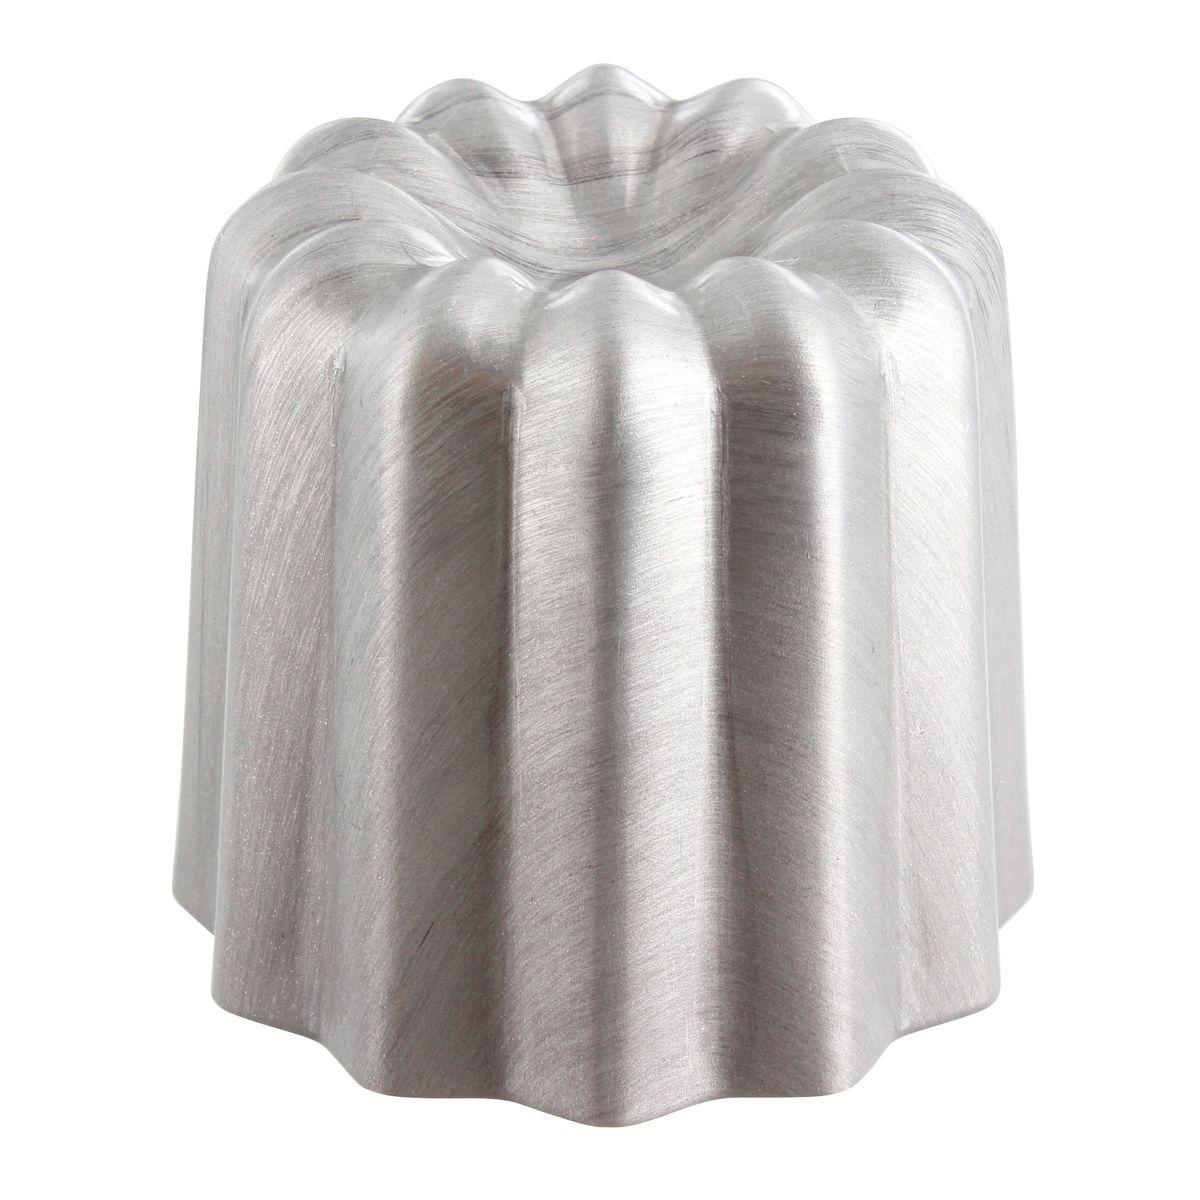 Moule à cannelé en aluminium revêtu anti adhérent 5 x 5.5 cm - Gobel